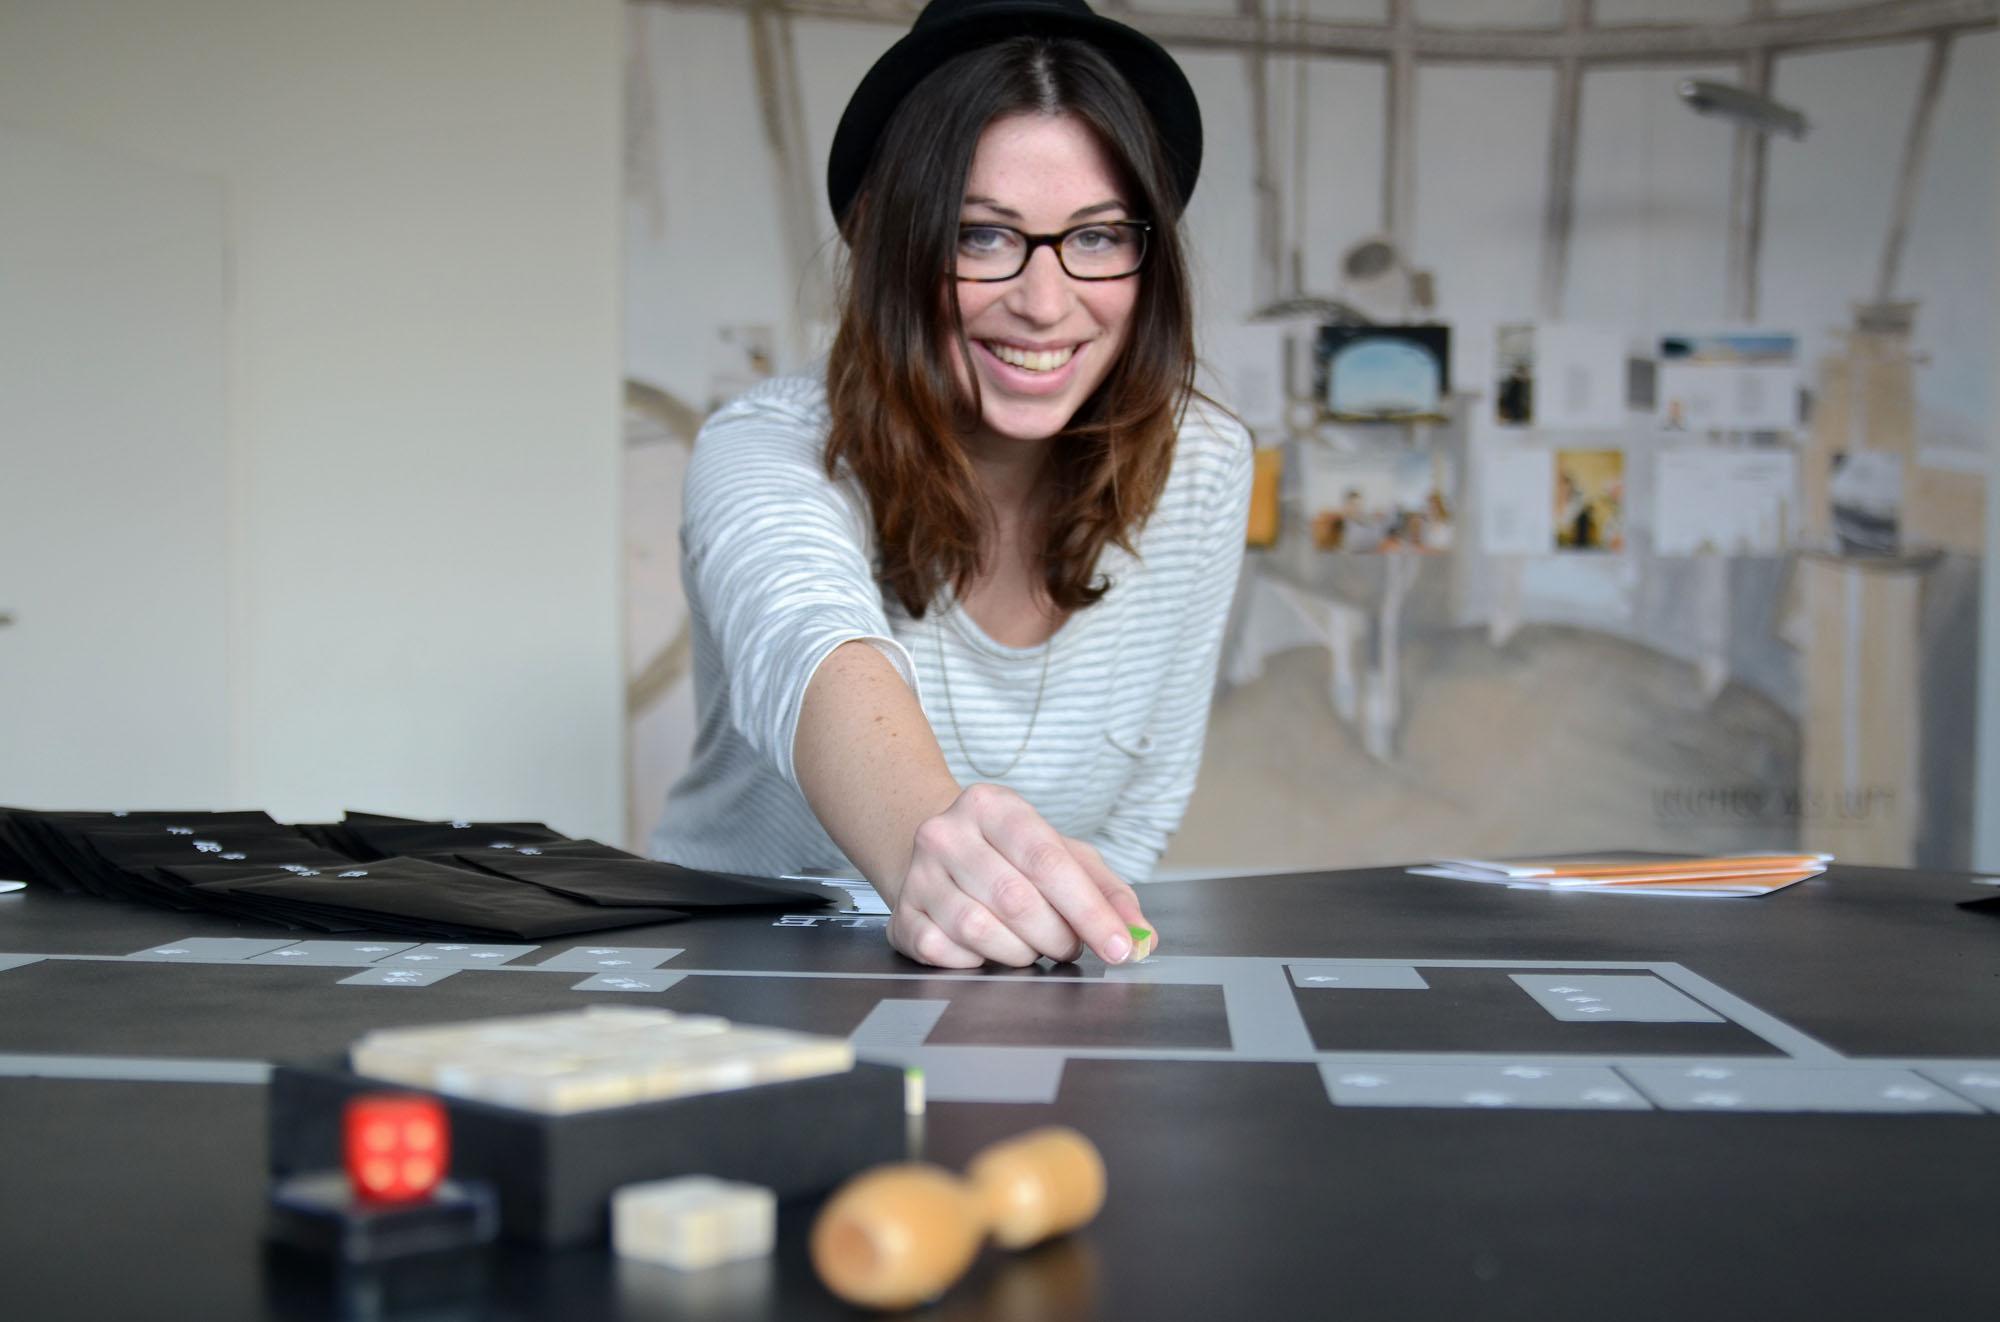 """Spielerisch: Als Entdecker, Geheimagent oder Brückenbauer können Kinder und Erwachsene in Sarah Hüttenberends Arbeit """"Komm, spiel mit mir, wir retten die Welt"""" Probleme lösen."""